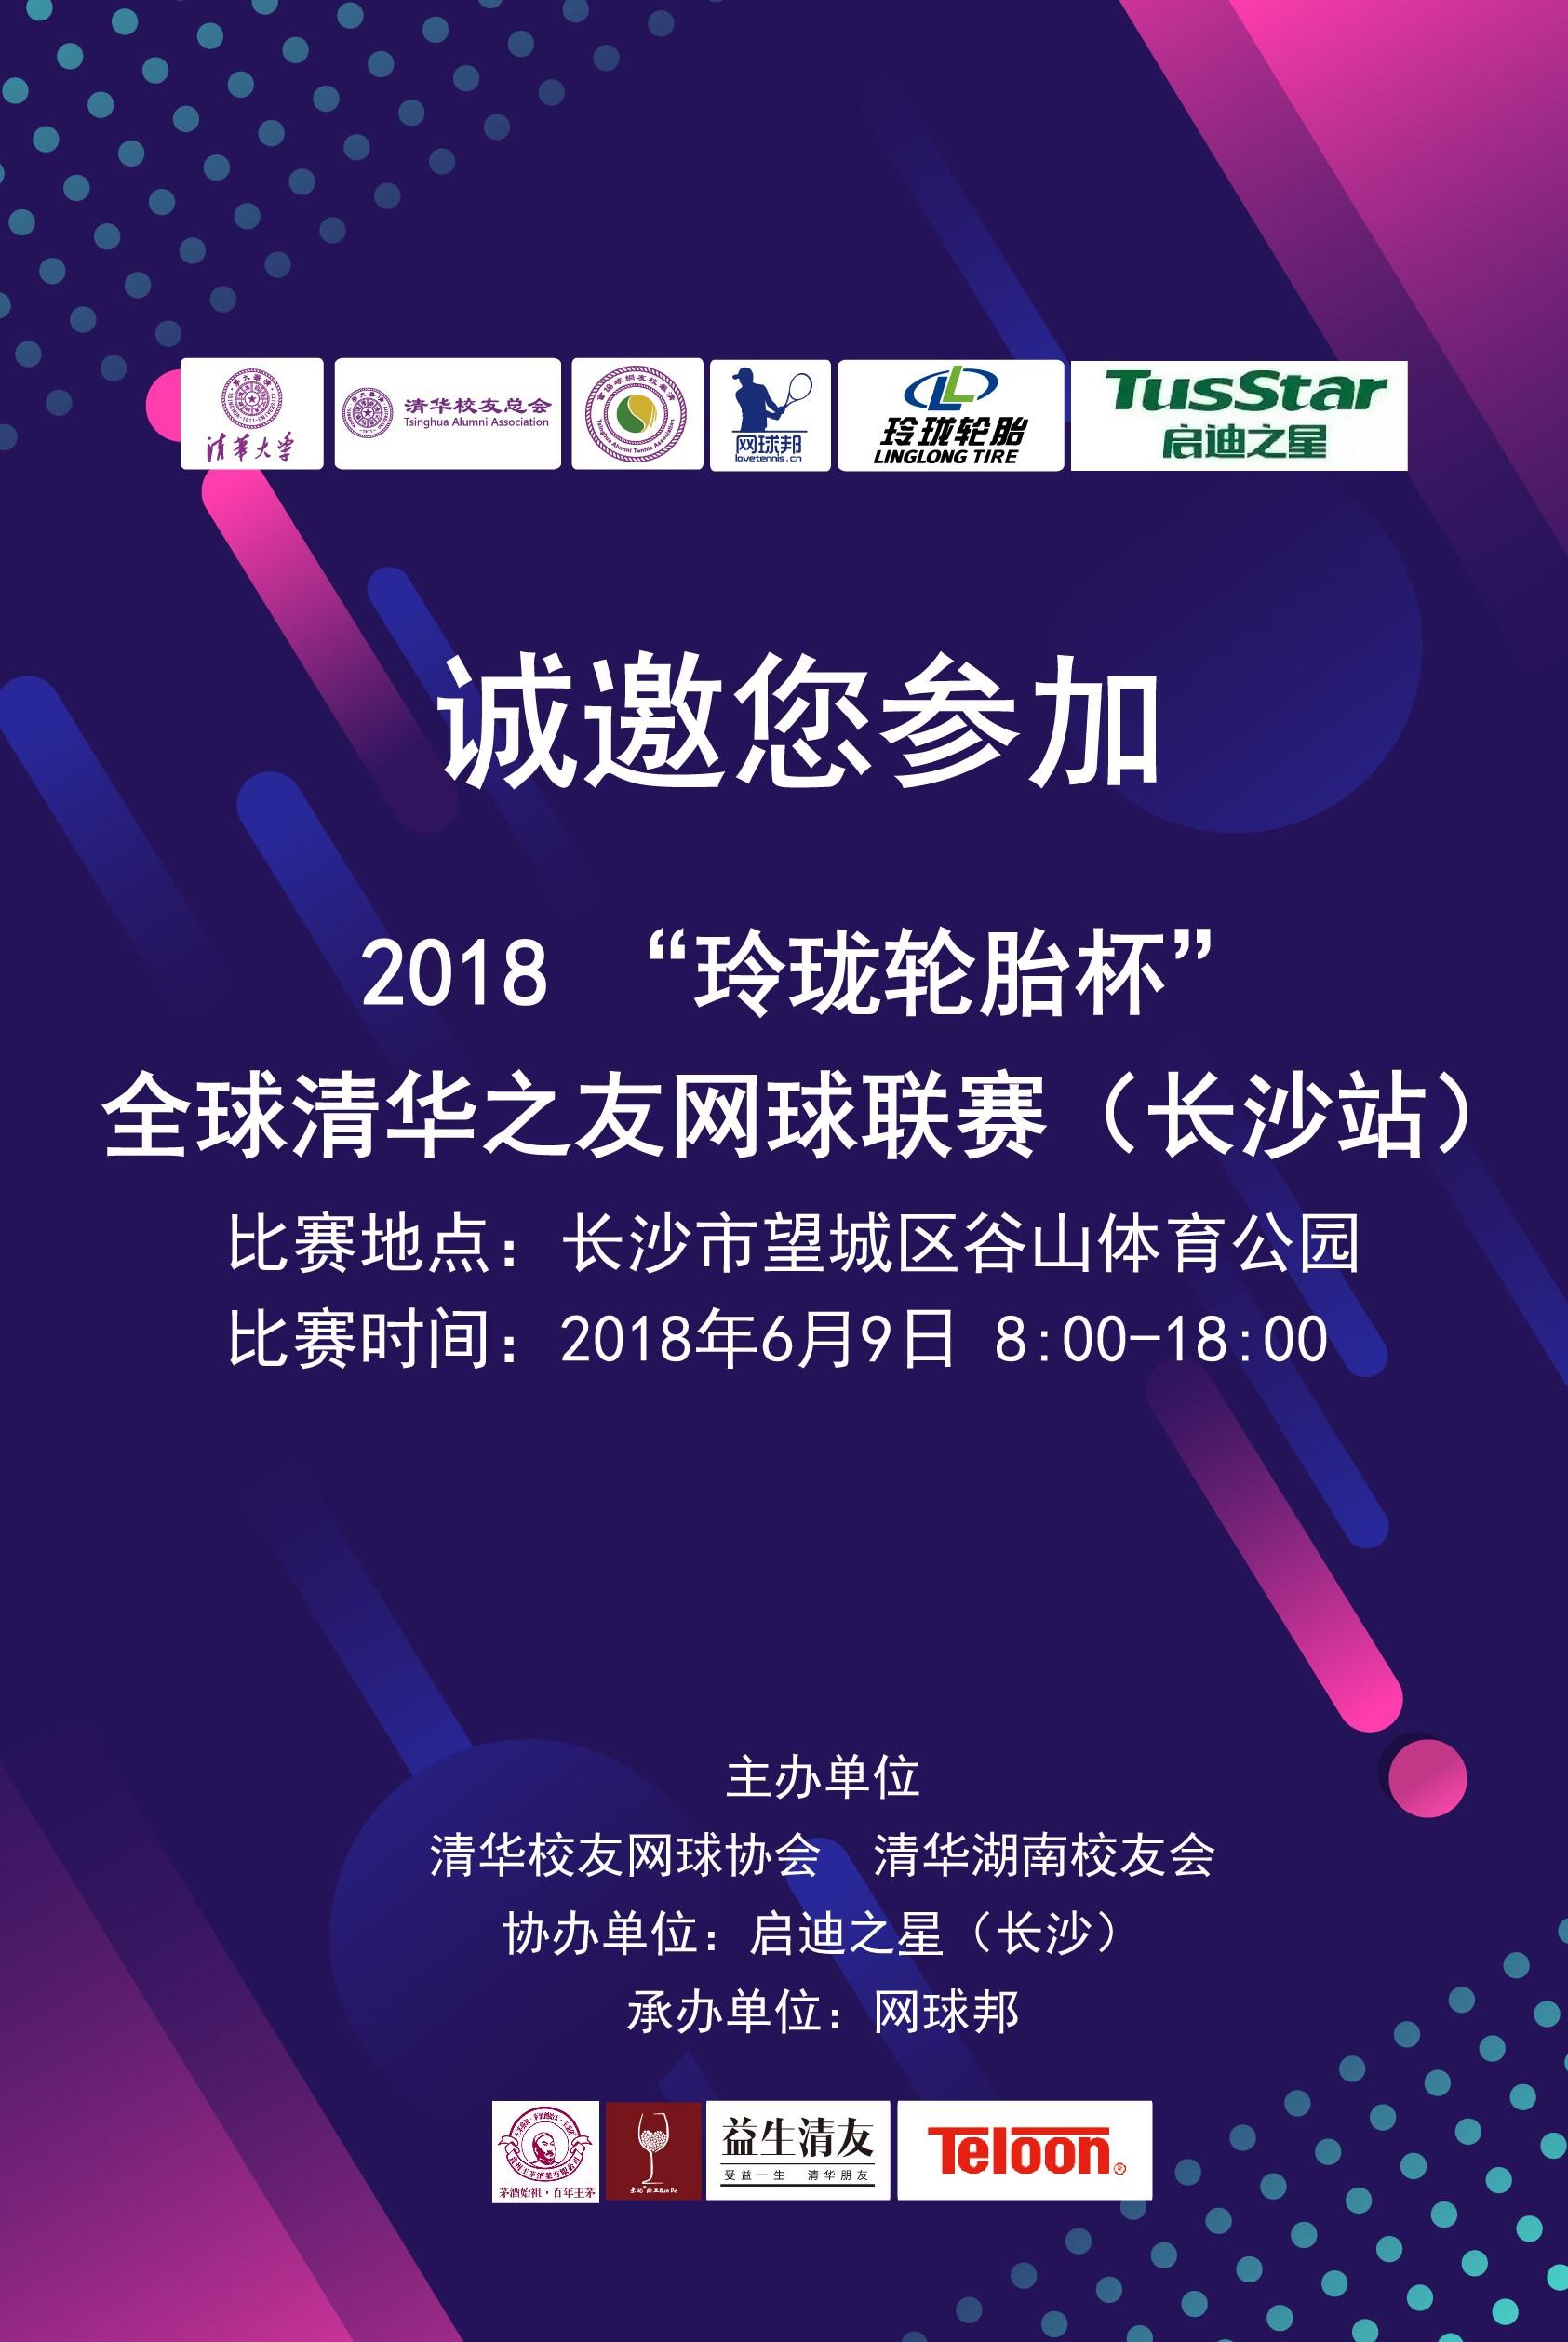 2018玲珑轮胎杯全球清华之友网球联赛规程(长沙站)